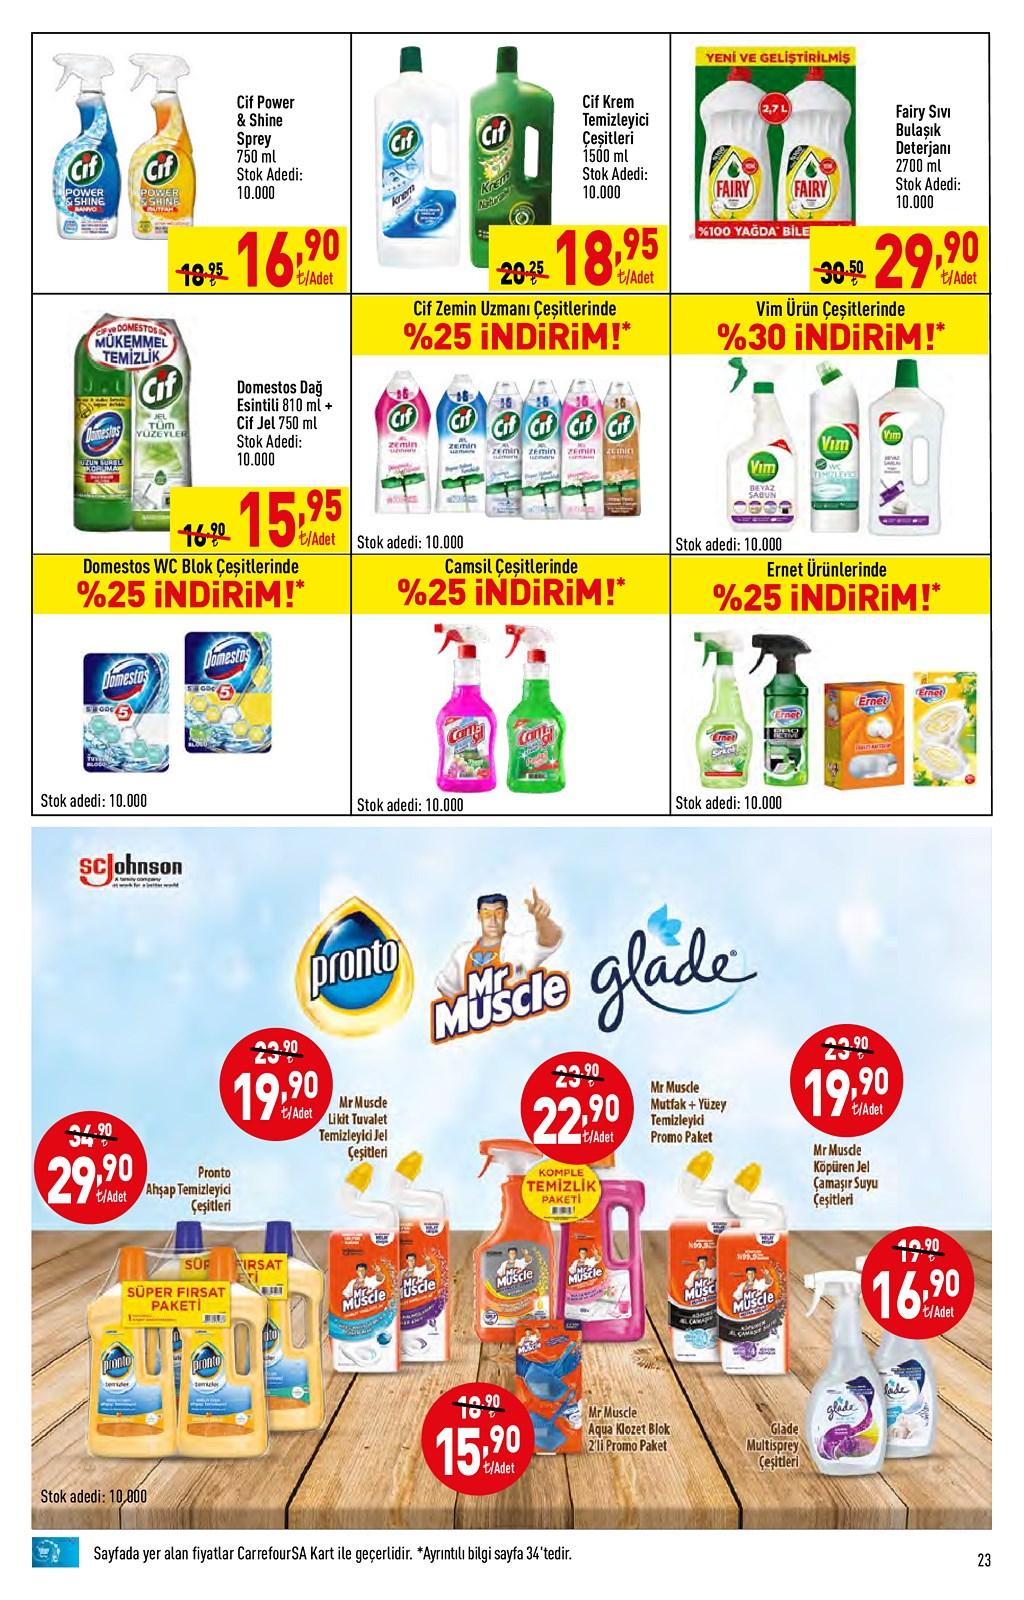 01.06.2021 CarrefourSA broşürü 23. sayfa